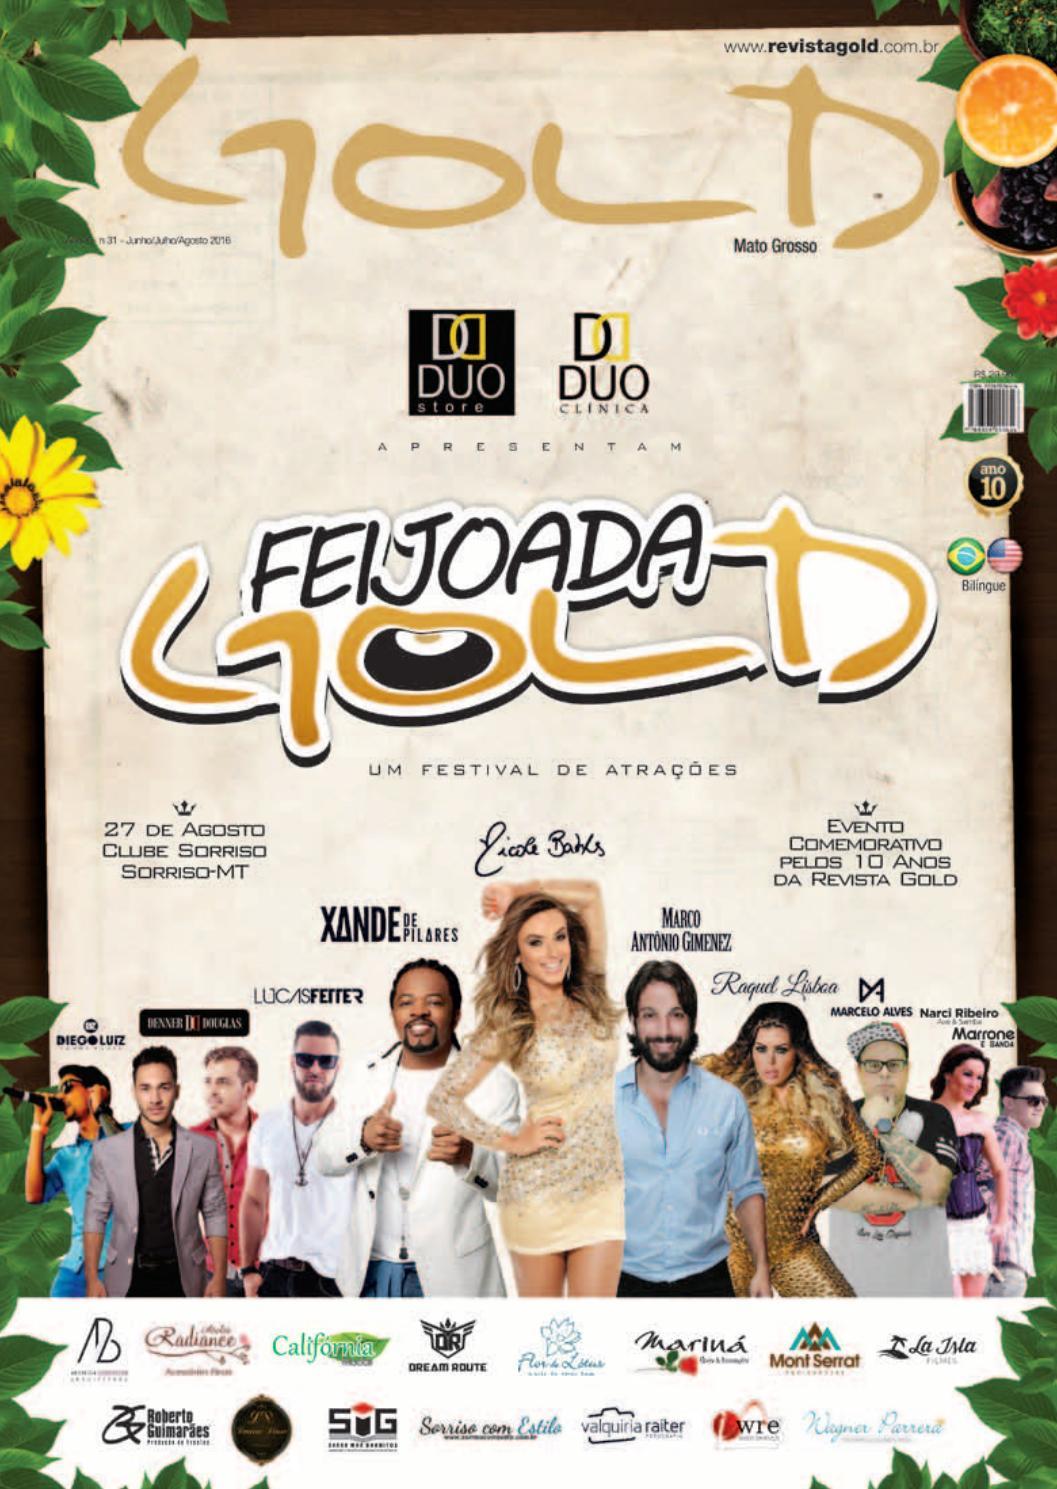 fc5b251c559 Revista Gold - Edição 31 by Revista Gold - issuu